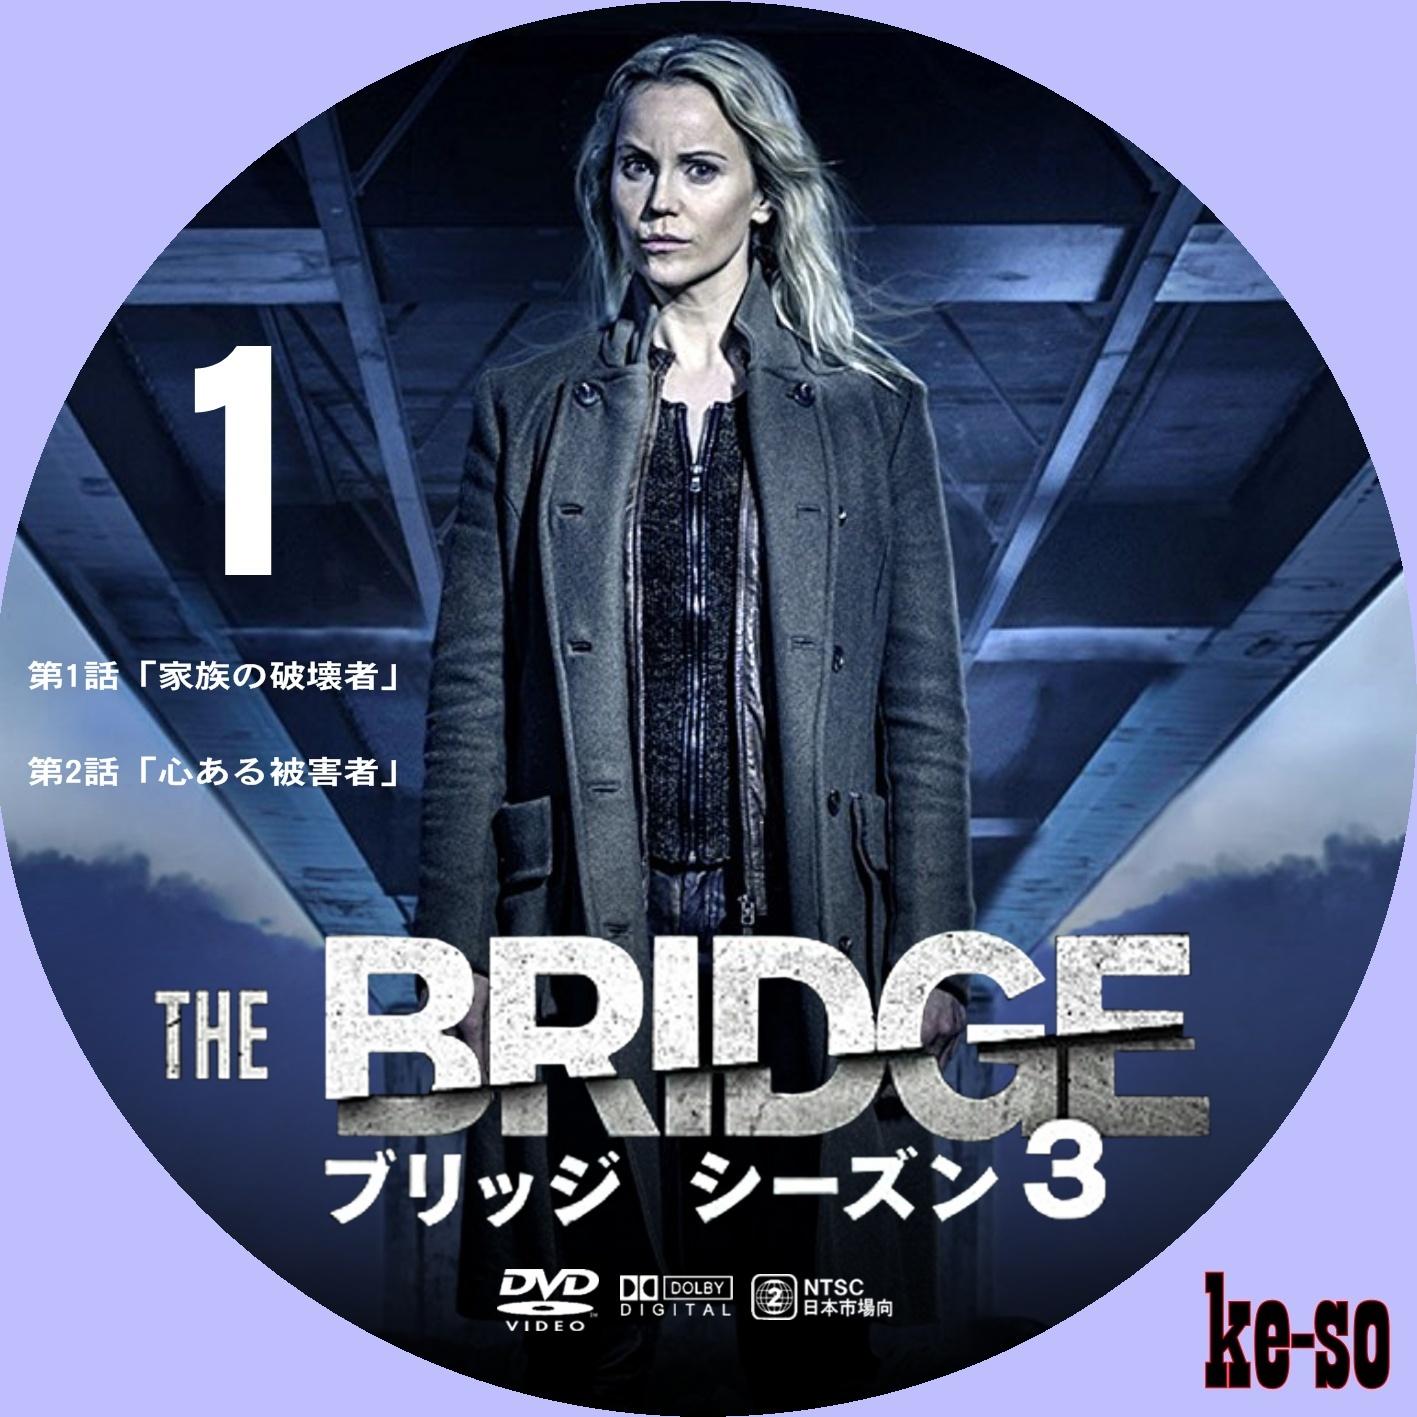 スーパー!ドラマTV 海外ドラマ:THE BRIDGE/ブ …